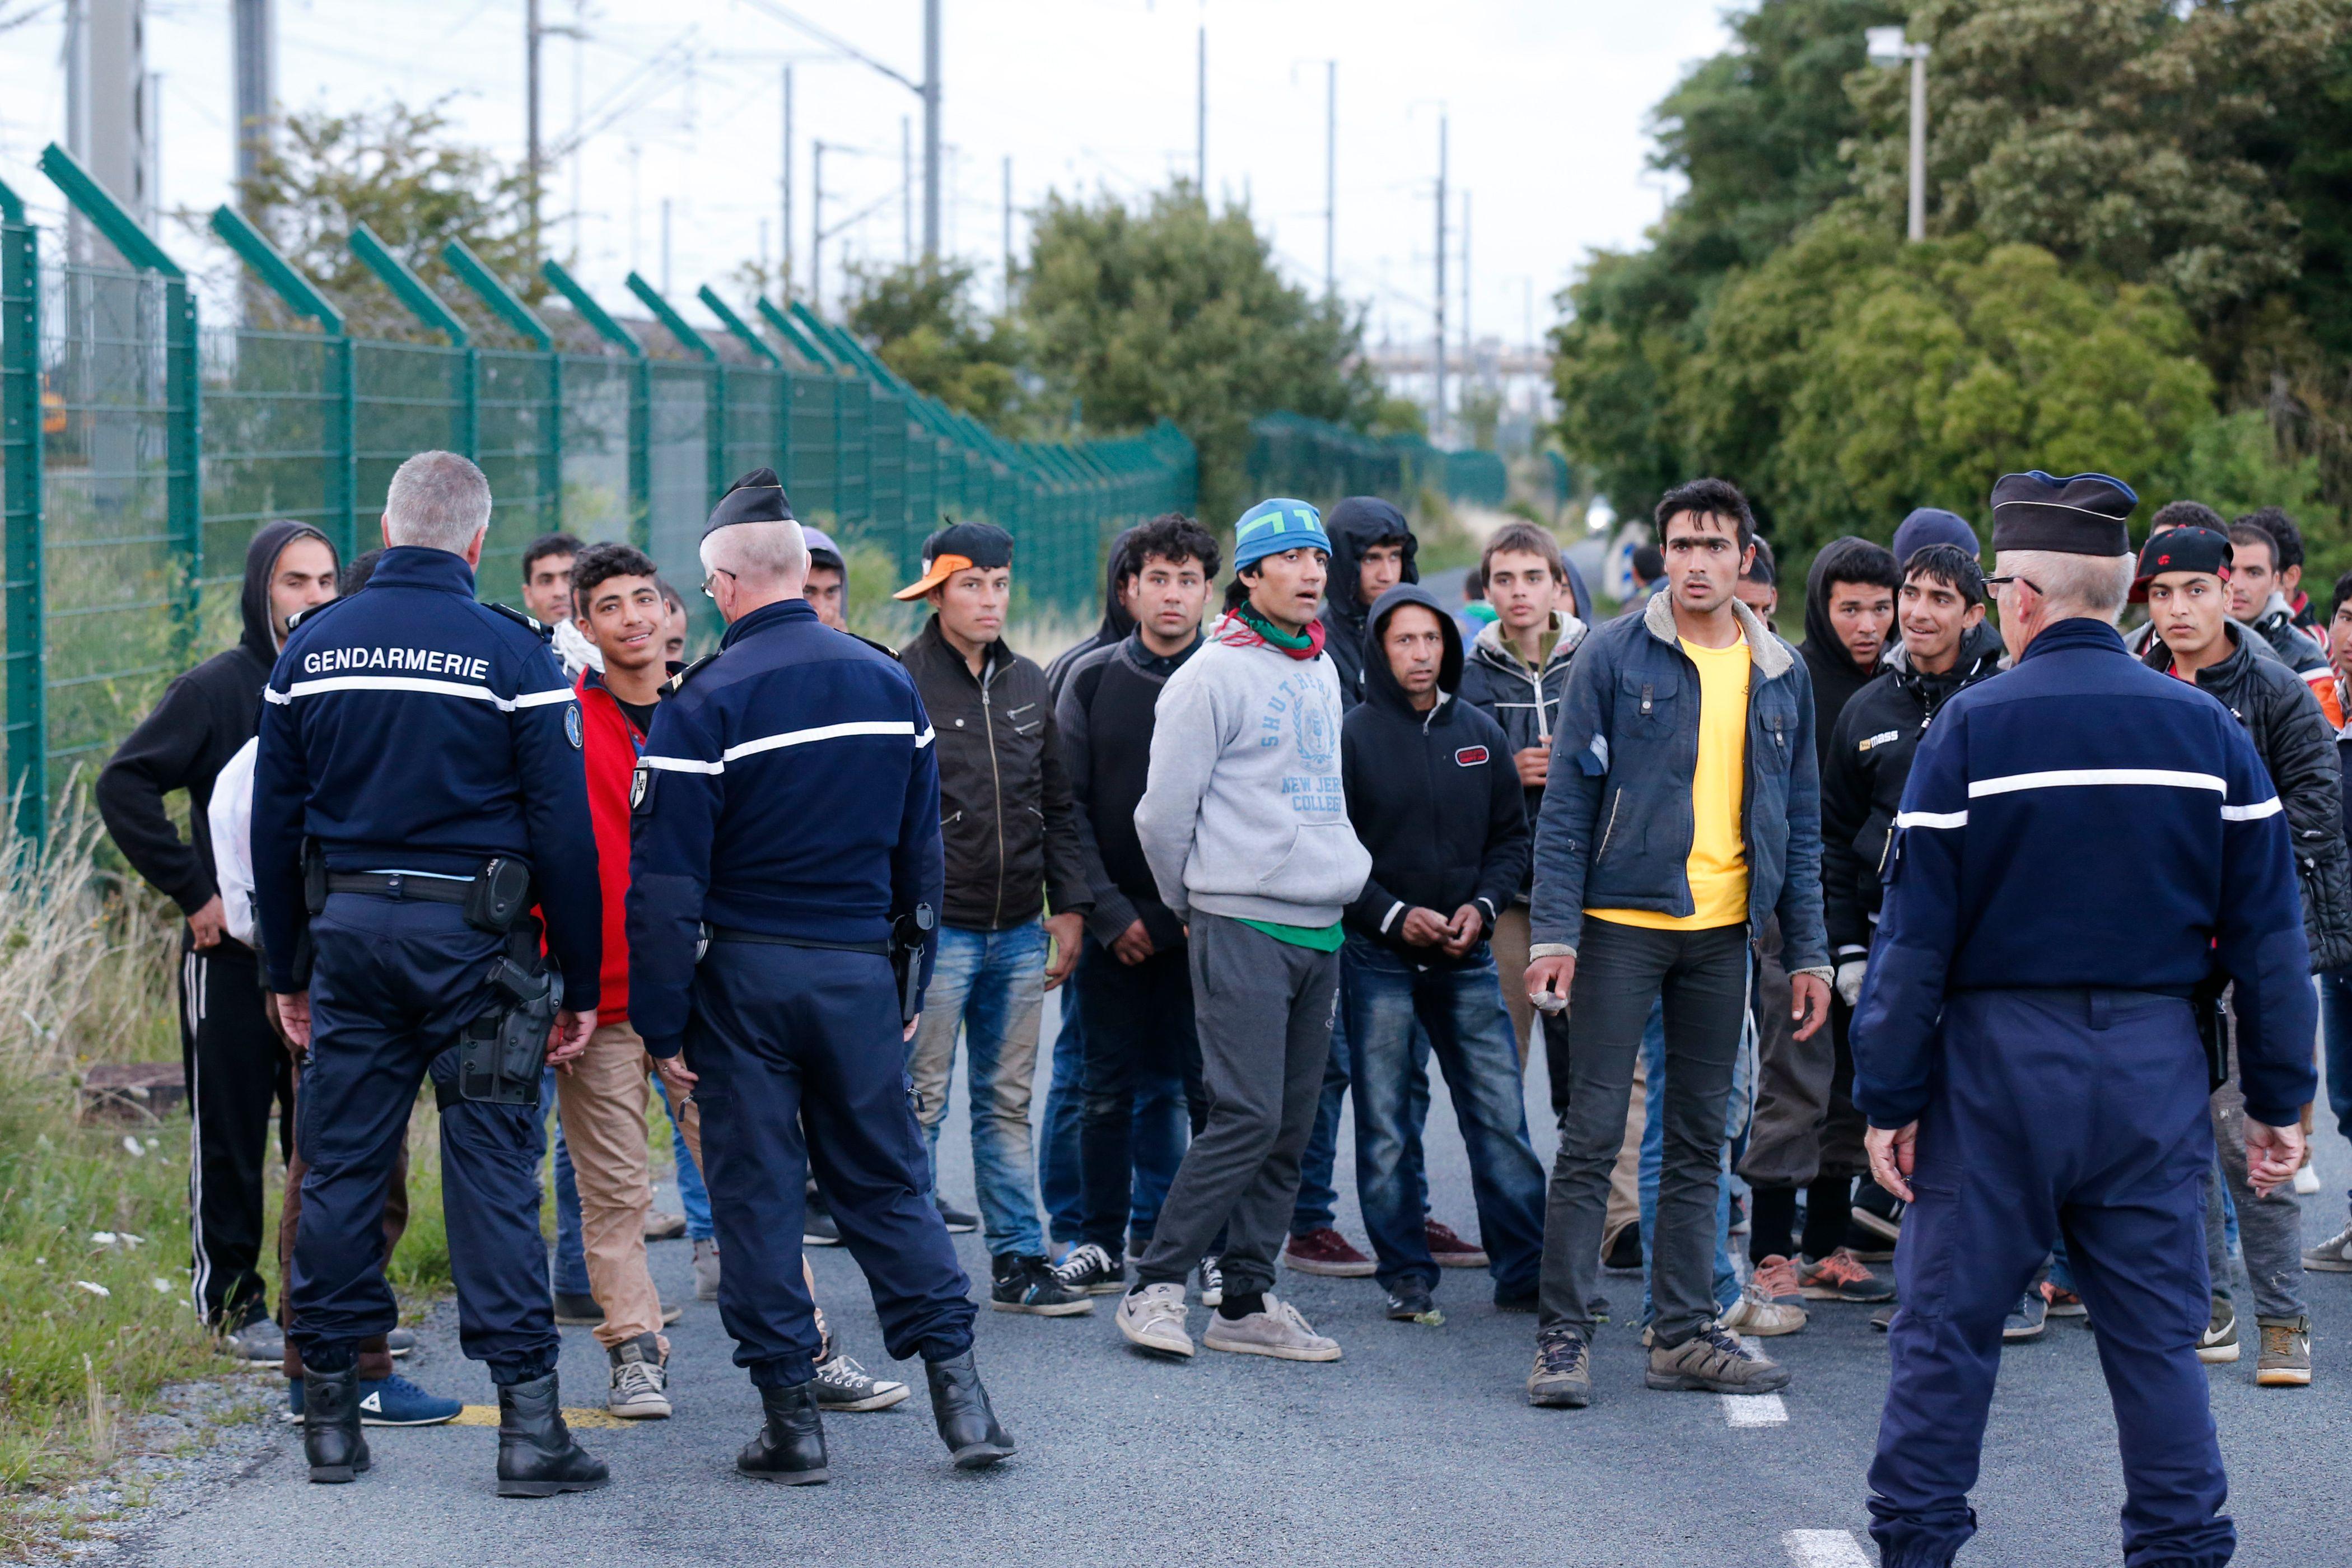 """Situation des migrants à Calais : l'ONU demande à la France de présenter un plan d'urgence """"durable"""""""